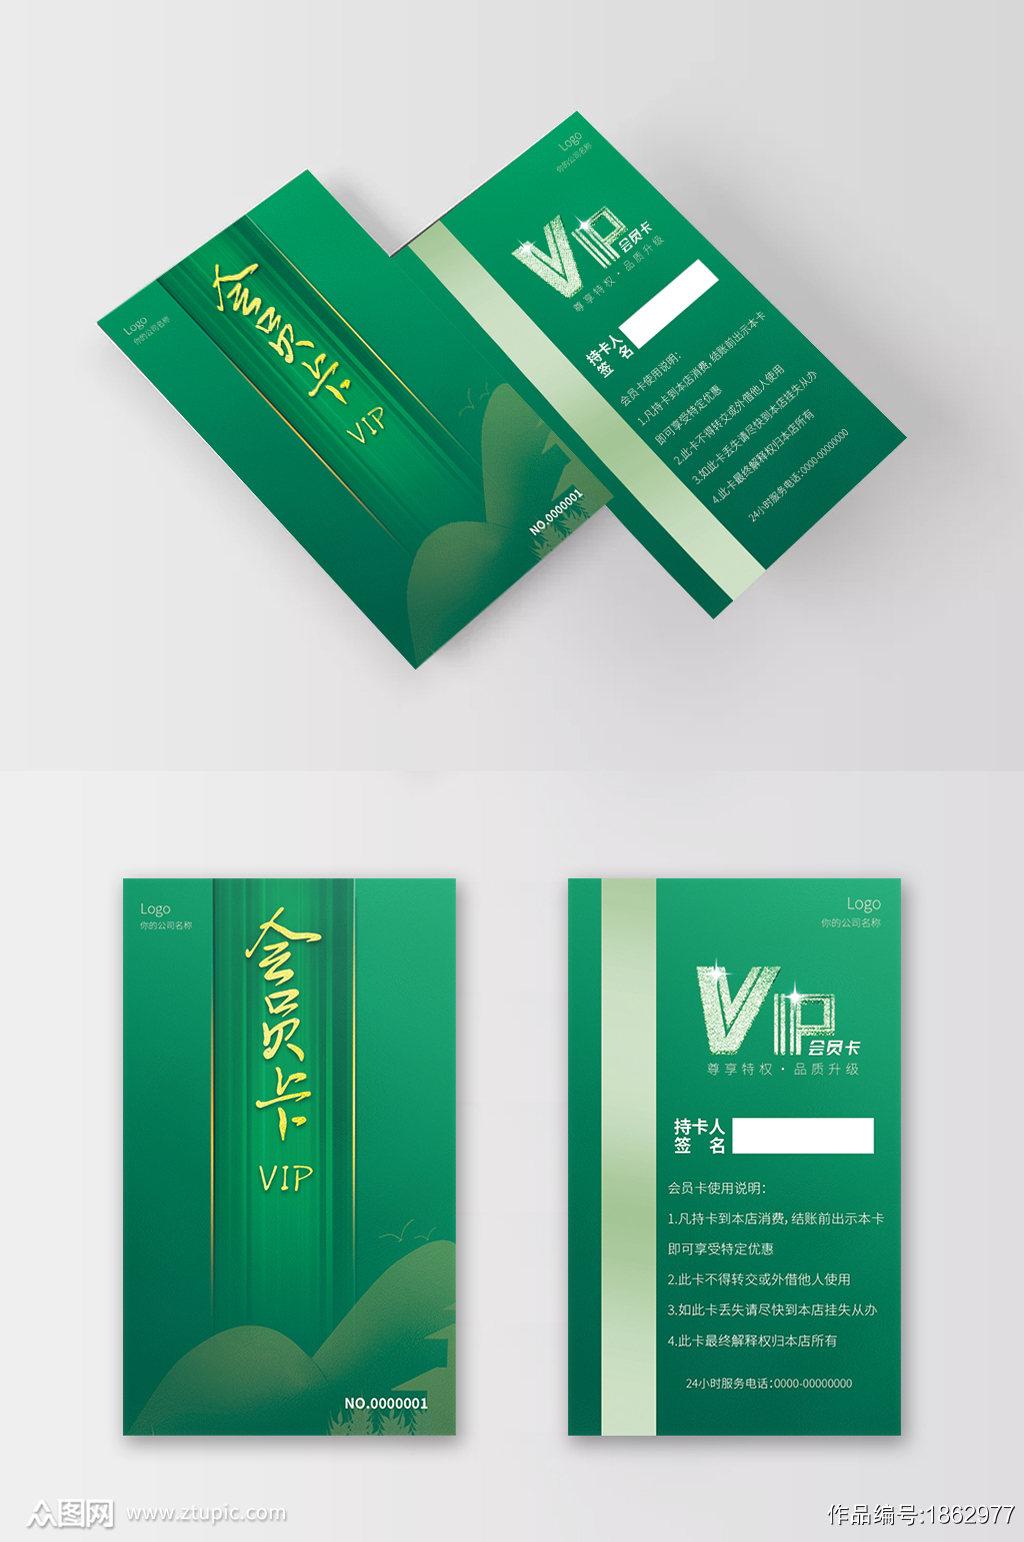 绿色大气磨砂VIP贵宾会员卡素材